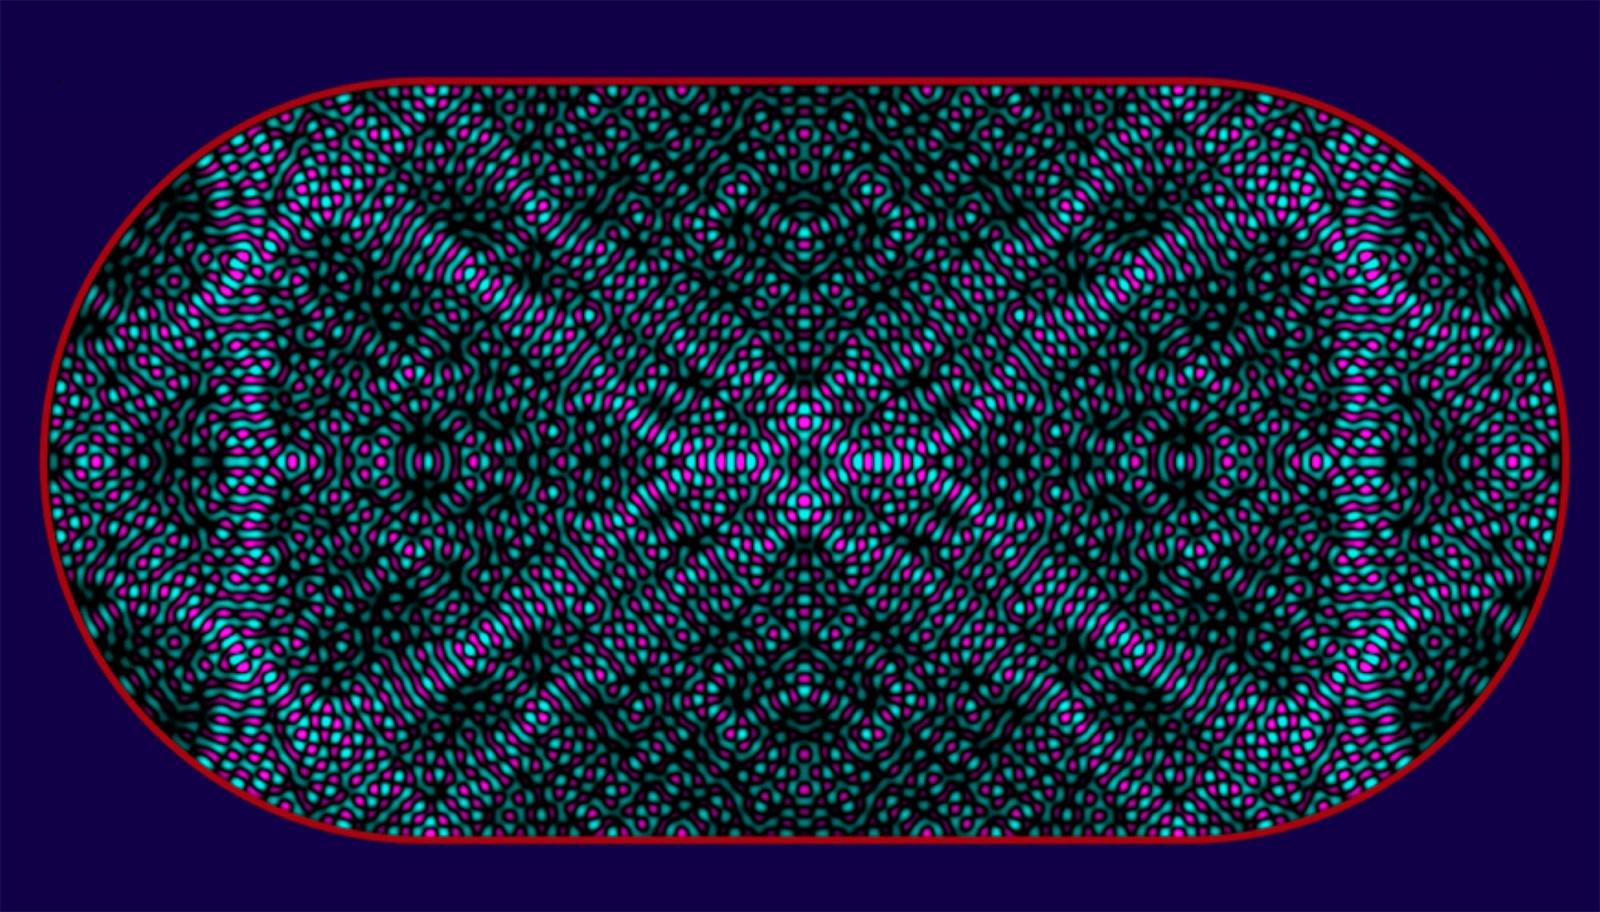 Кажется, эта квантовая машина противоречит стремлению Вселенной к беспорядку - 3